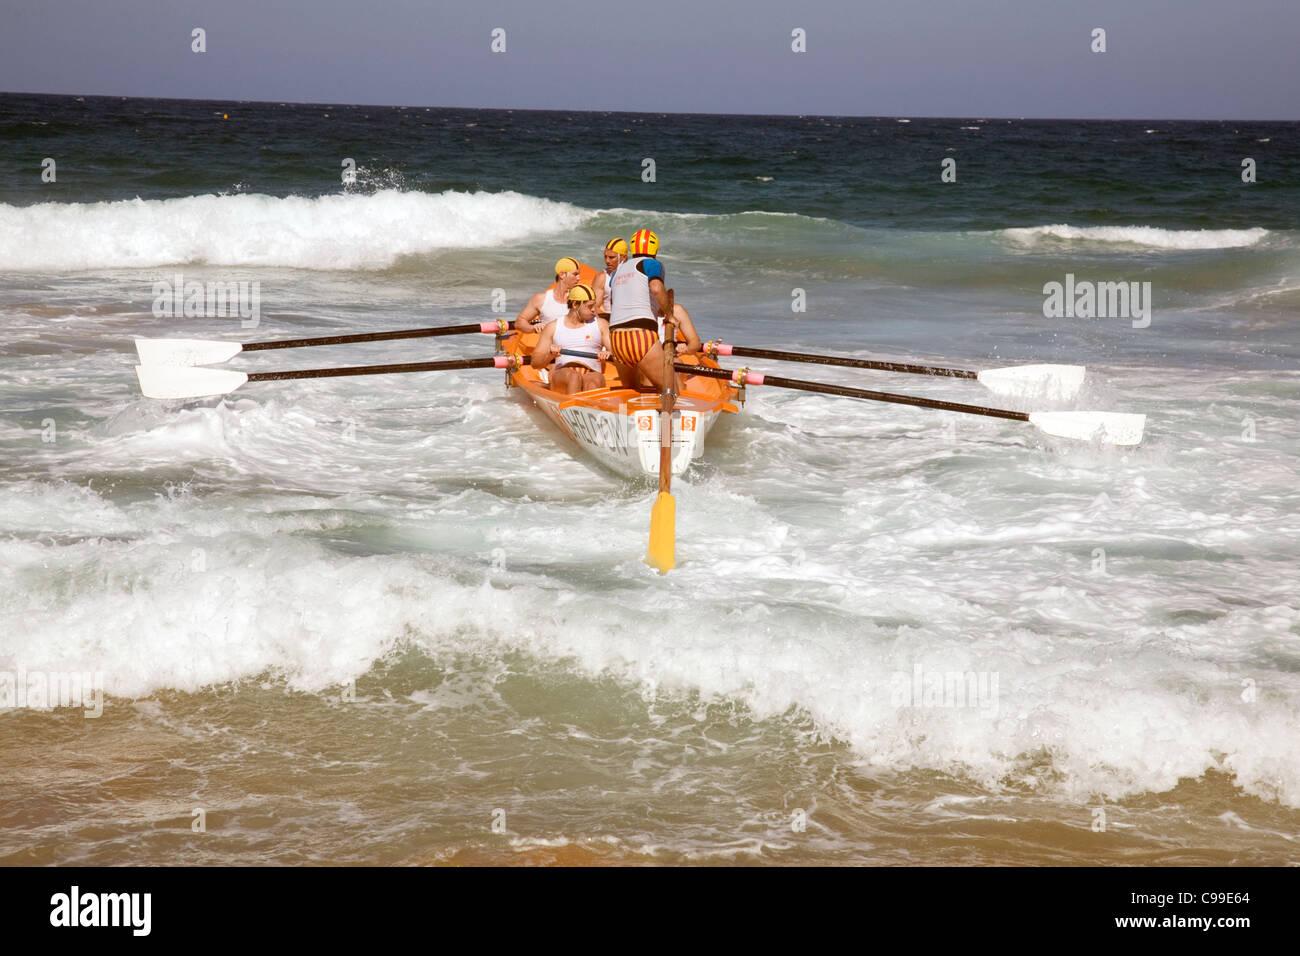 La tripulación de un bote salvavidas rescate de surf australiana tradicional barco remando en una regata newport Imagen De Stock